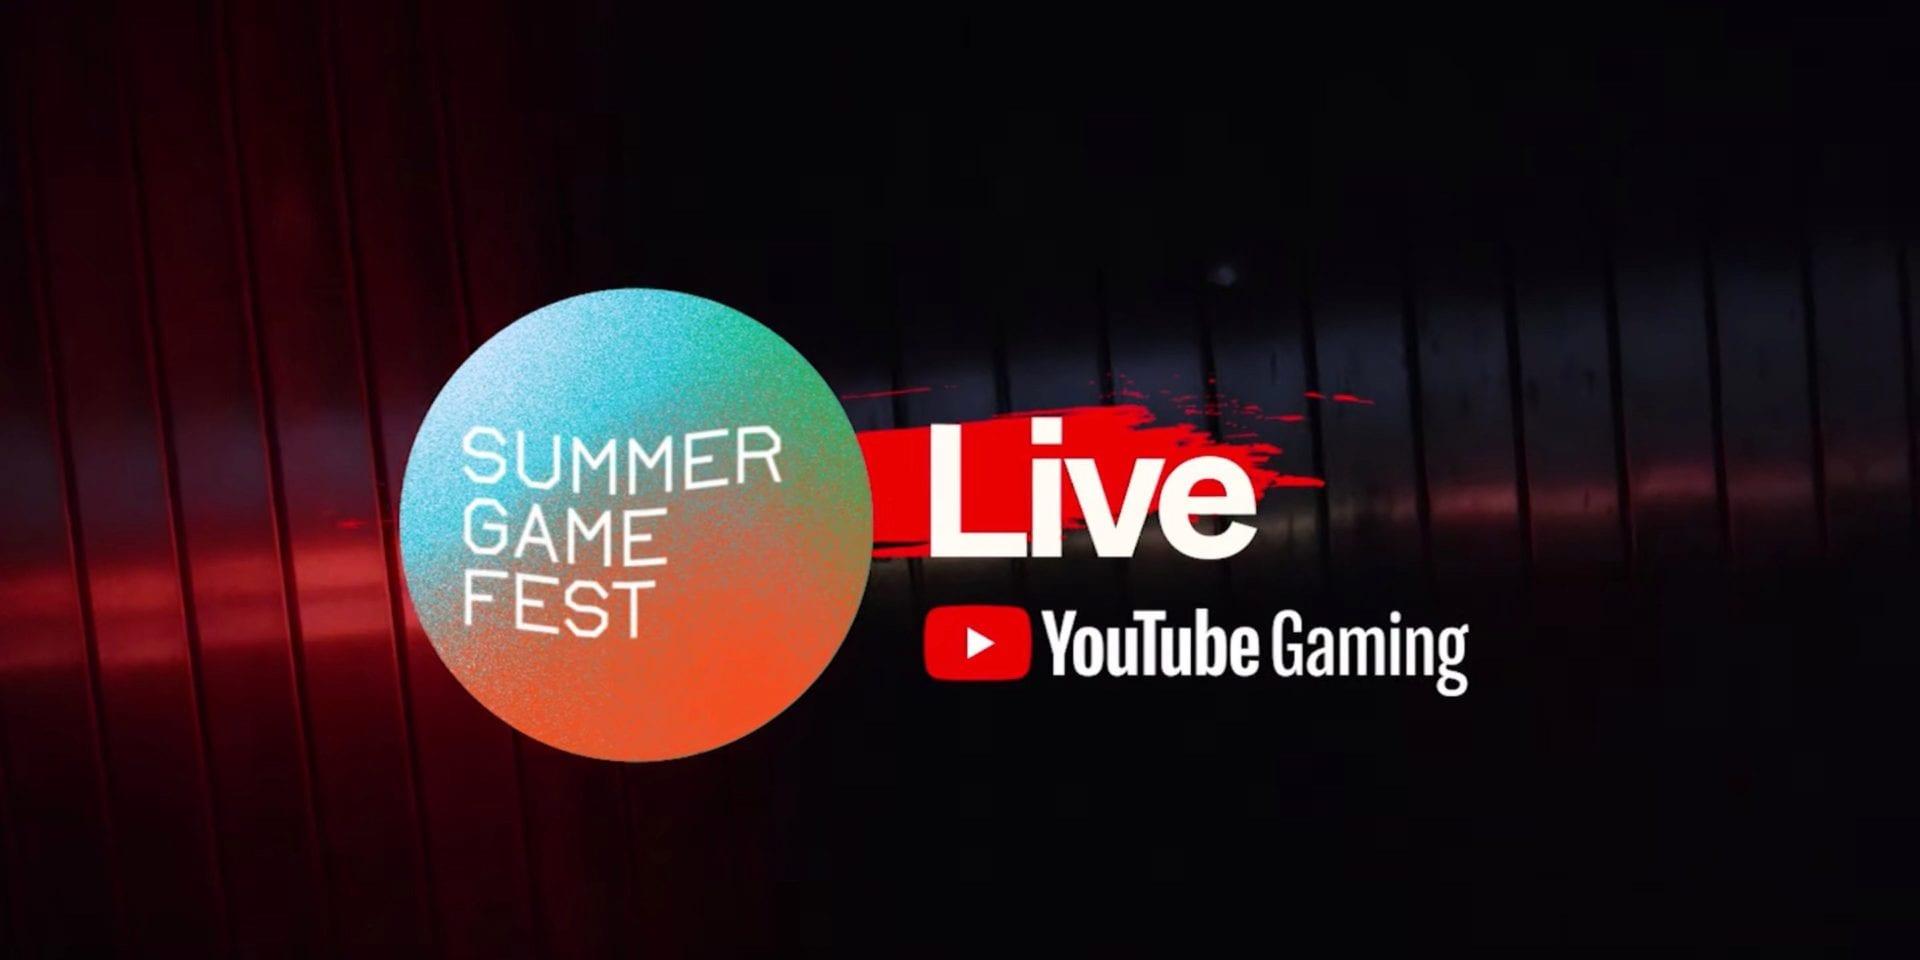 YouTube Summer Game Fest Partnership